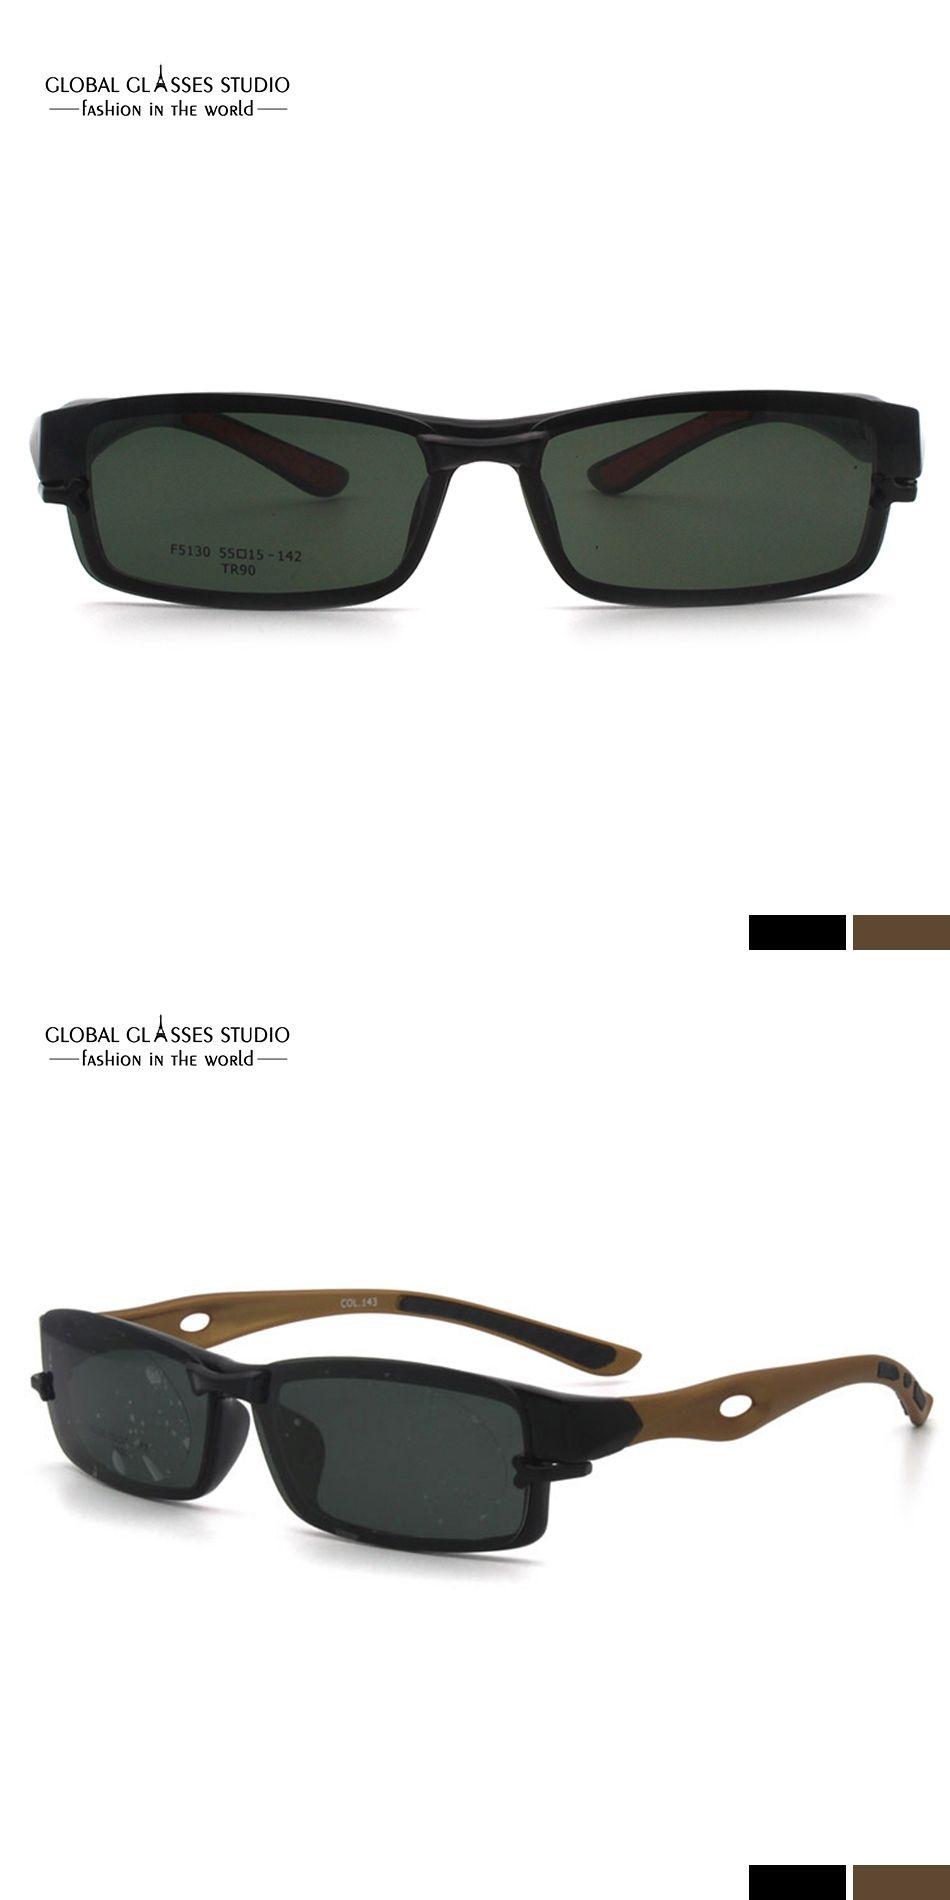 dafb488581 Free Shipping Women Men Black with Metal Glasses Eyeglasses Optical Frame  Eyewear F5130